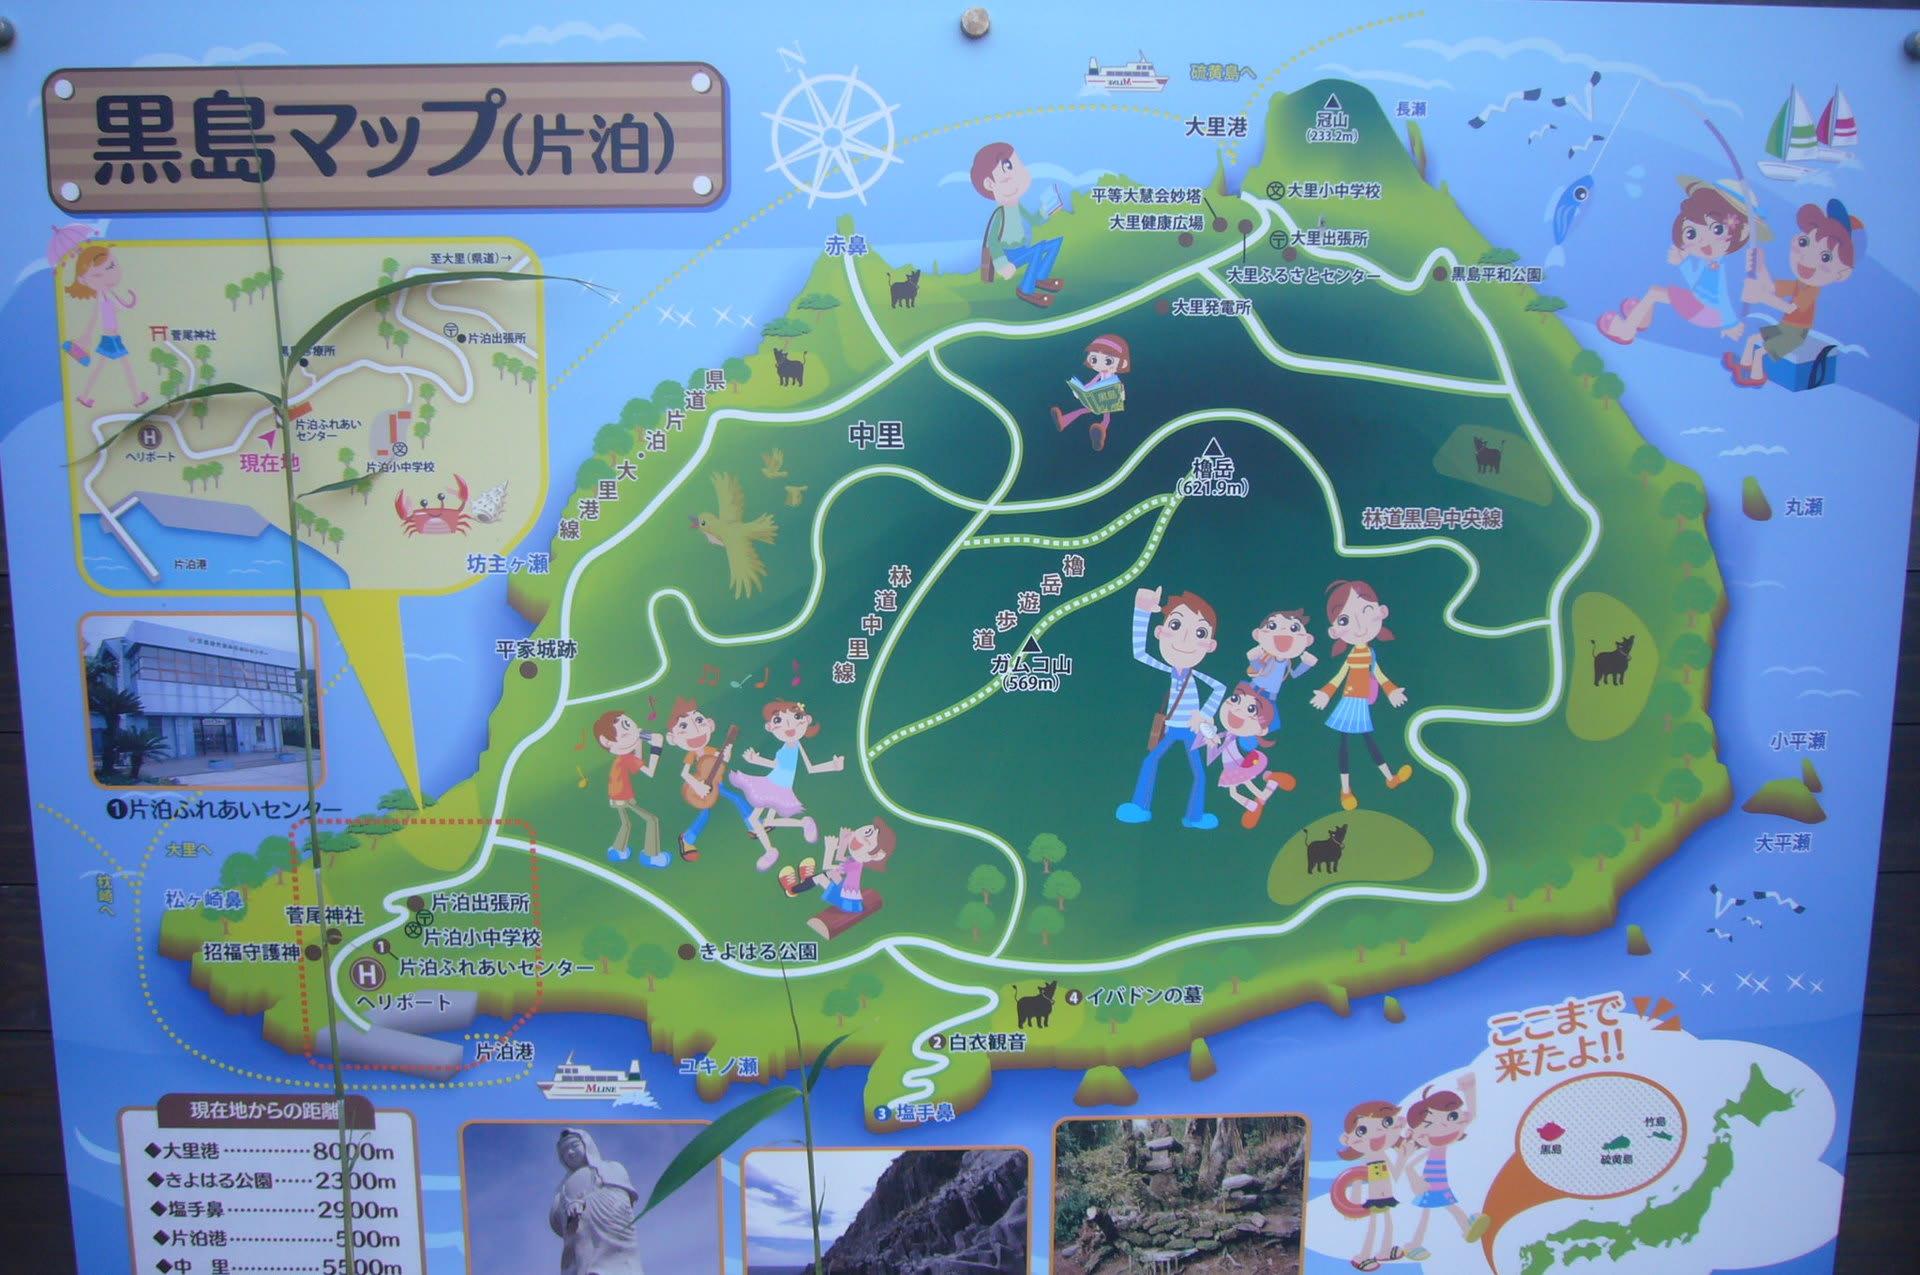 臨時特別編「三島村」黒島1 地図 - 100倍楽しむ海外旅行 時々 ...